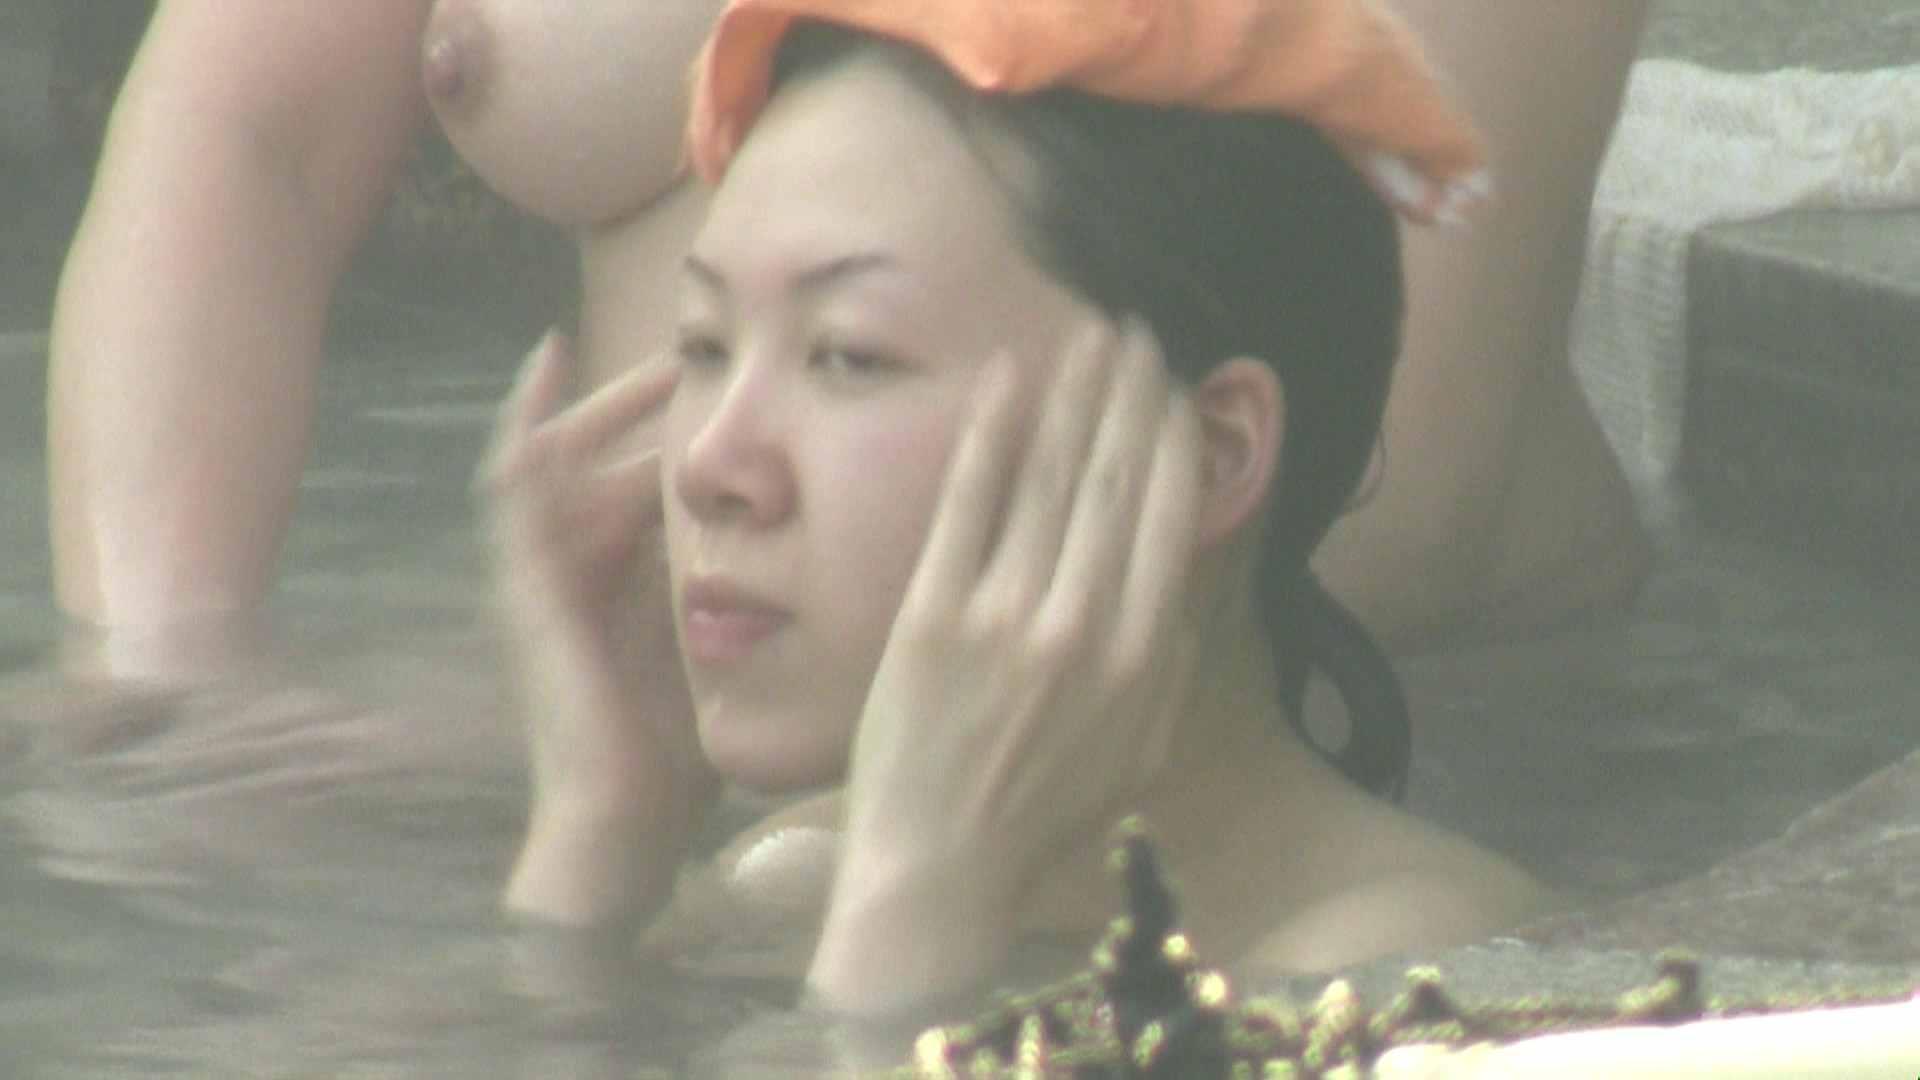 Aquaな露天風呂Vol.778 女体盗撮 のぞき濡れ場動画紹介 101連発 17